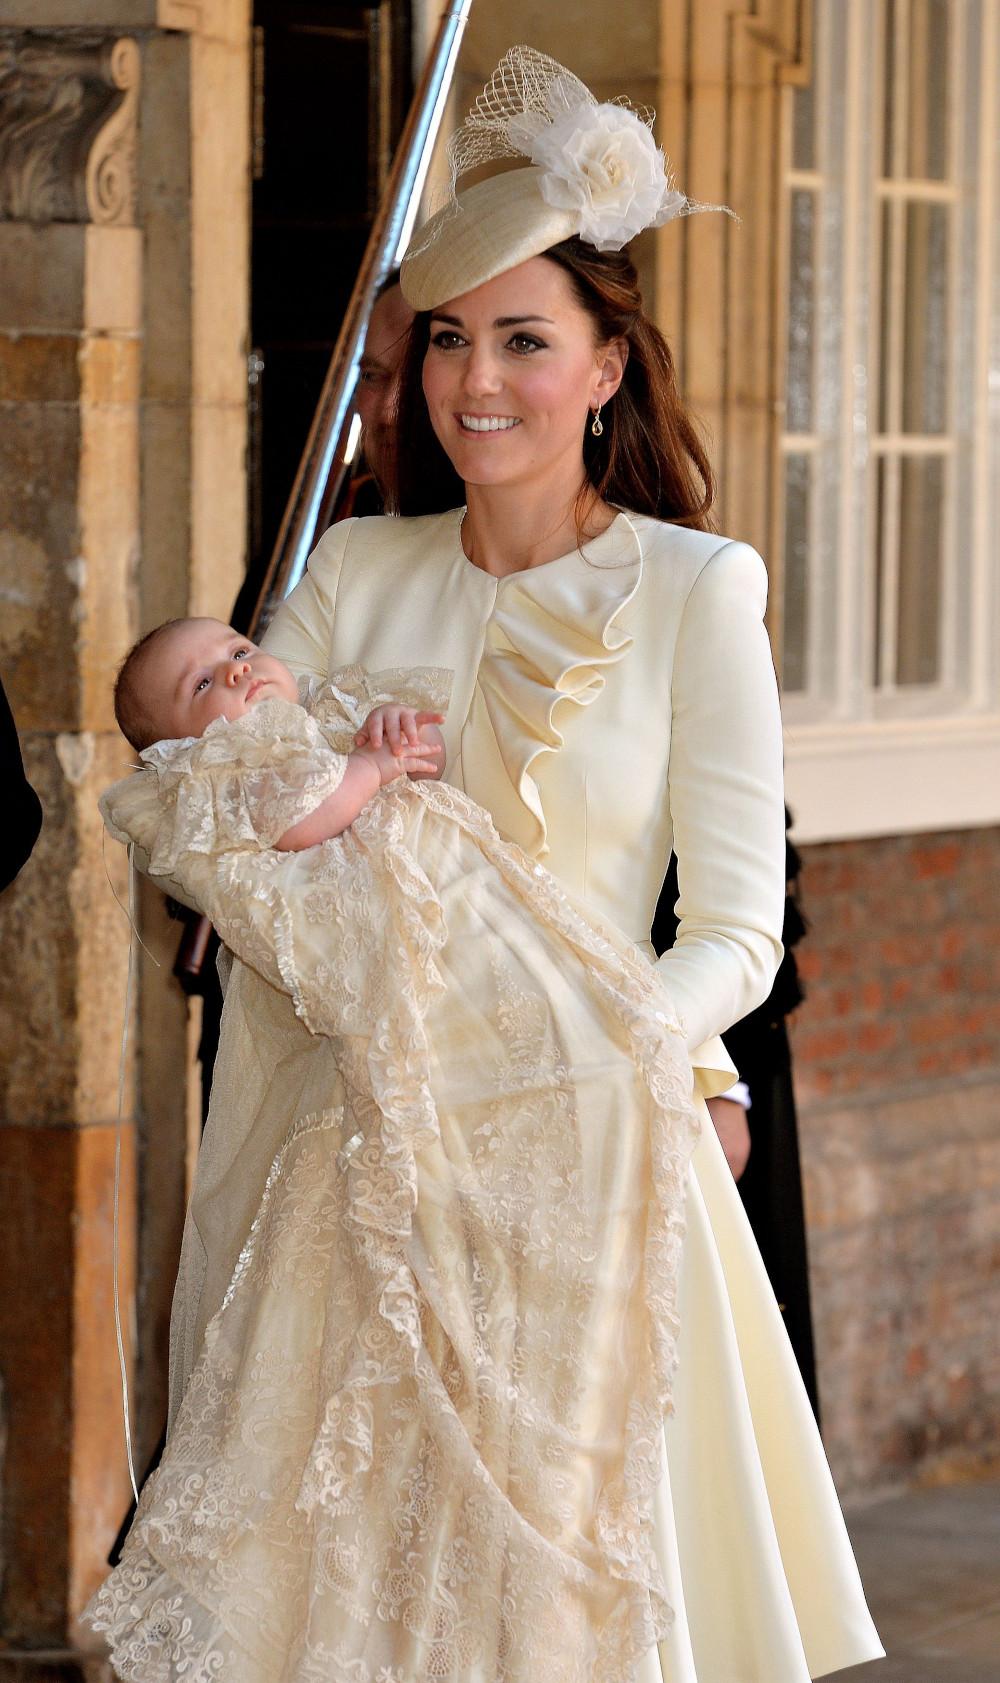 Η Κέιτ Μίντλετον κρατώντας στην αγκαλιά της τον πρίγκιπα Τζορτζ στην βάπτισή του